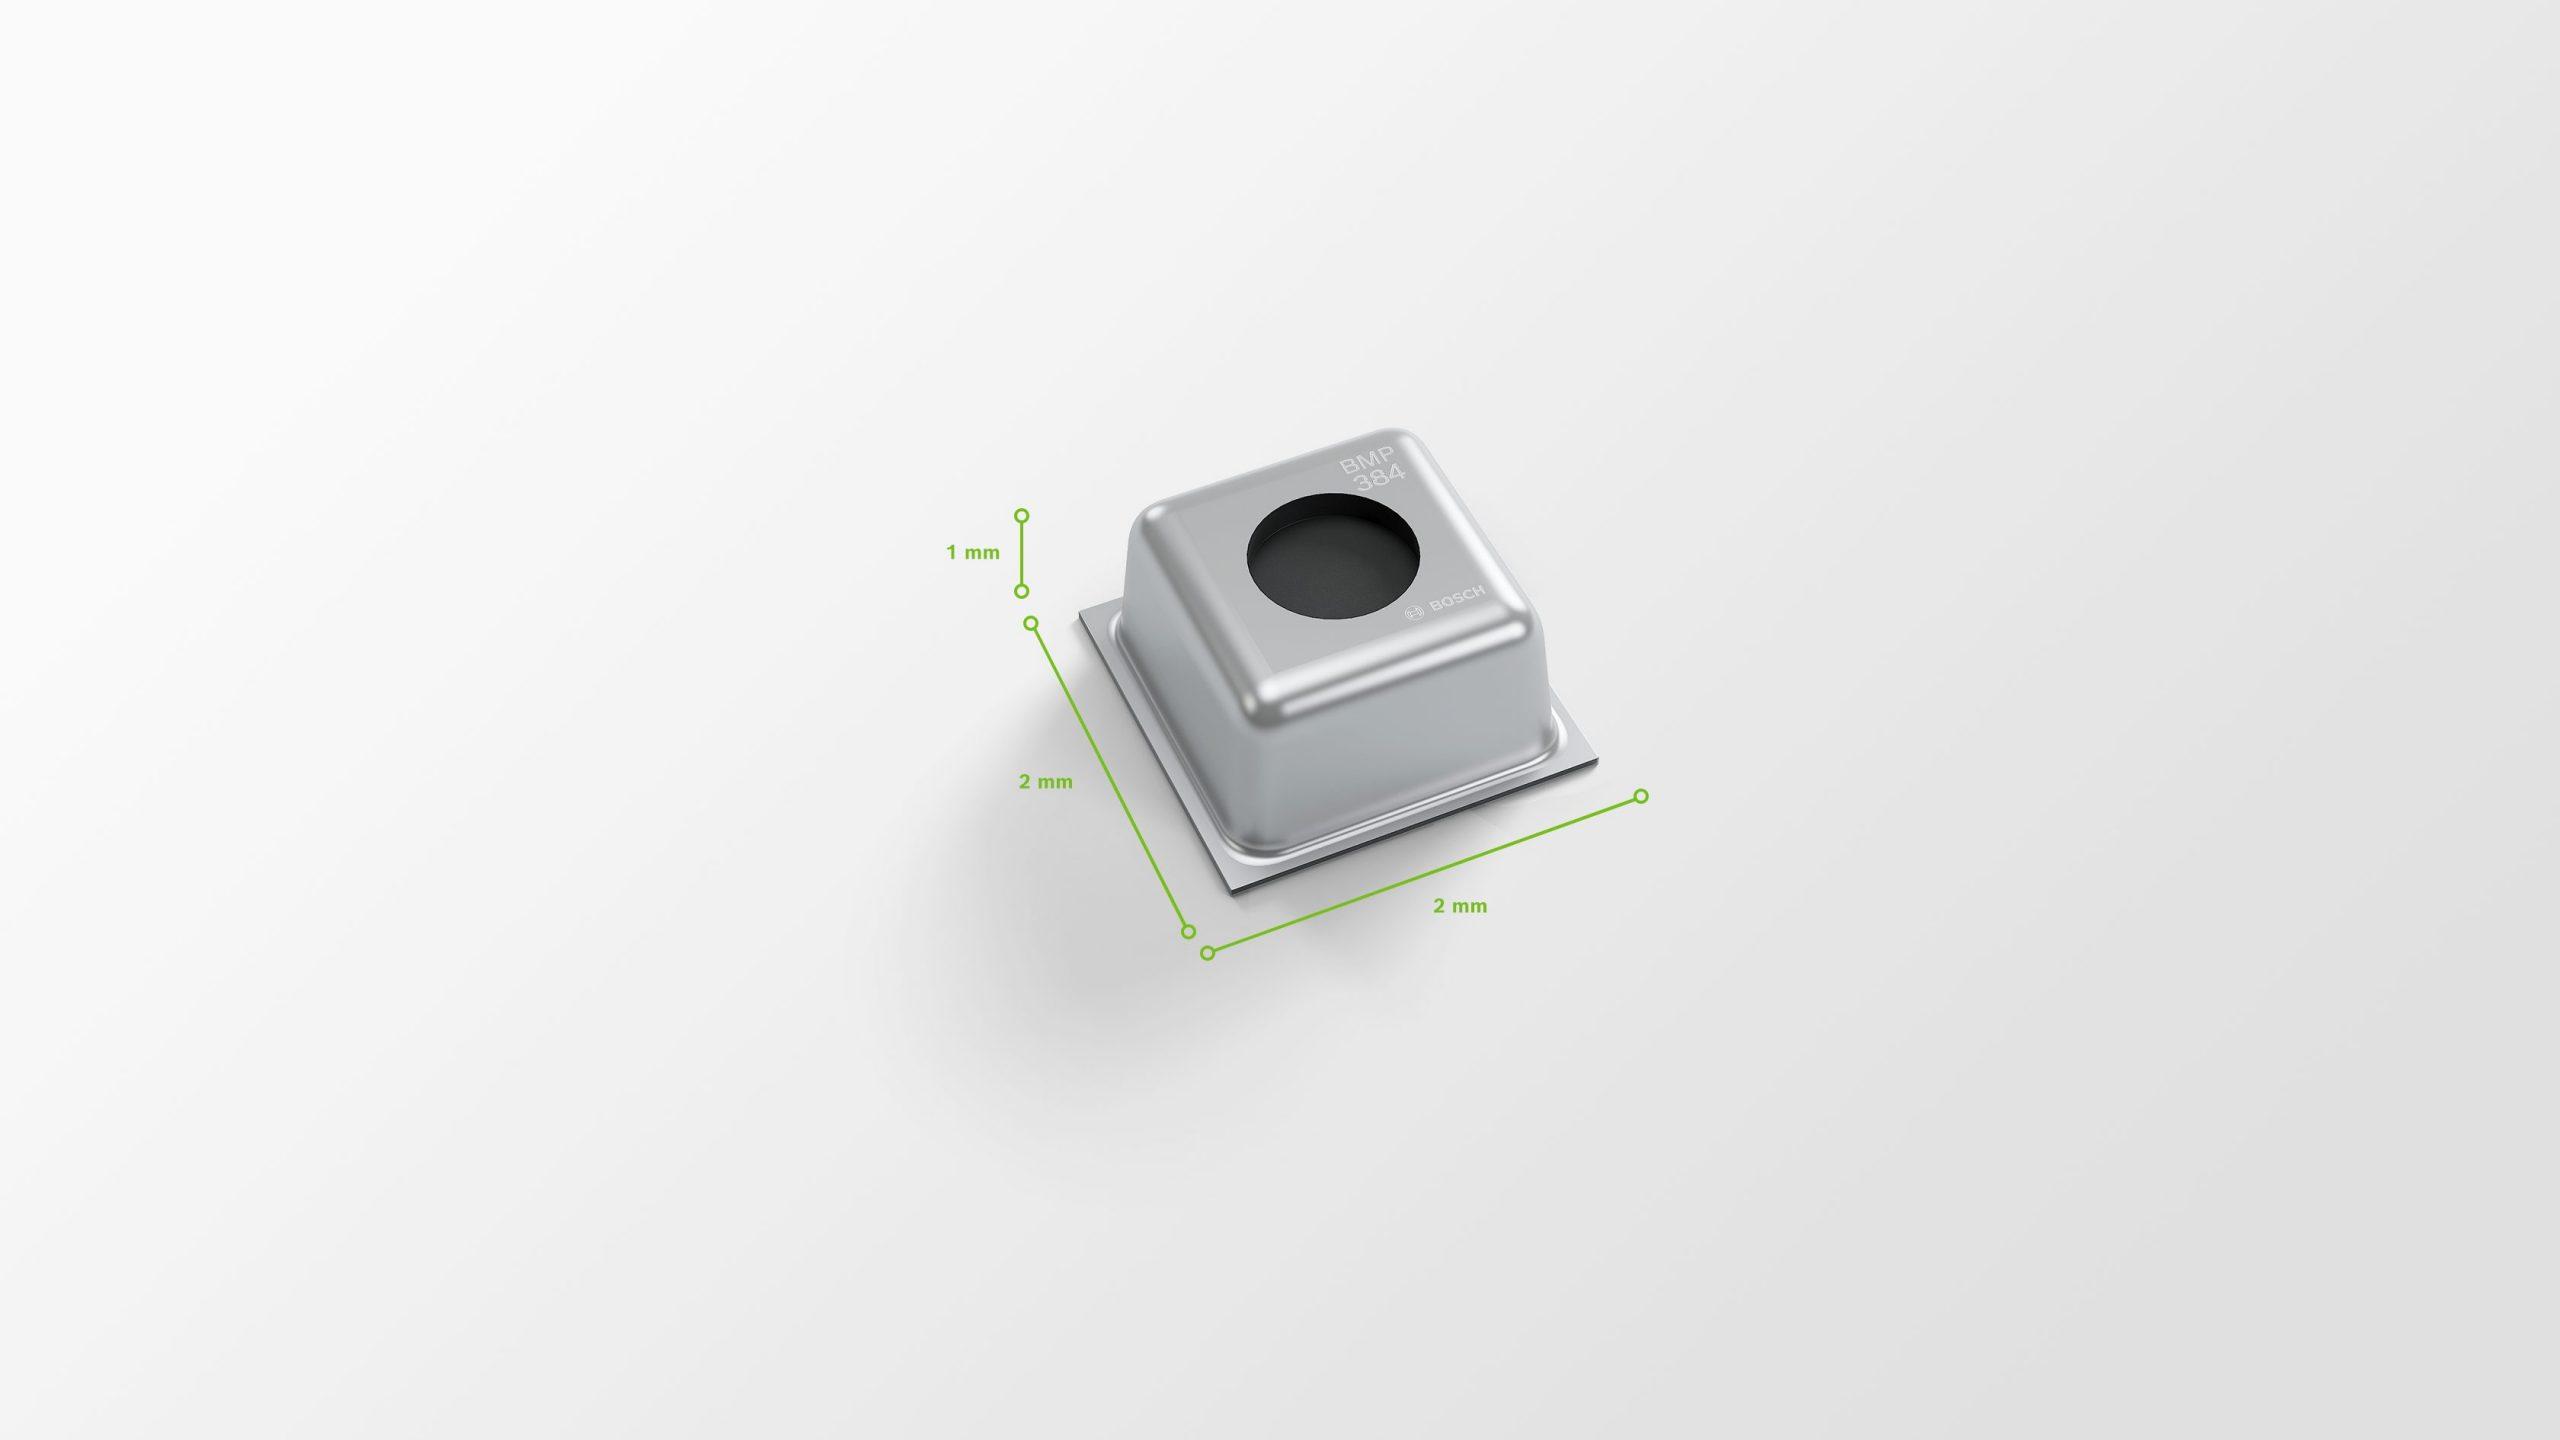 Robuster barometrischer Drucksensor für raue Umgebungsbedingungen